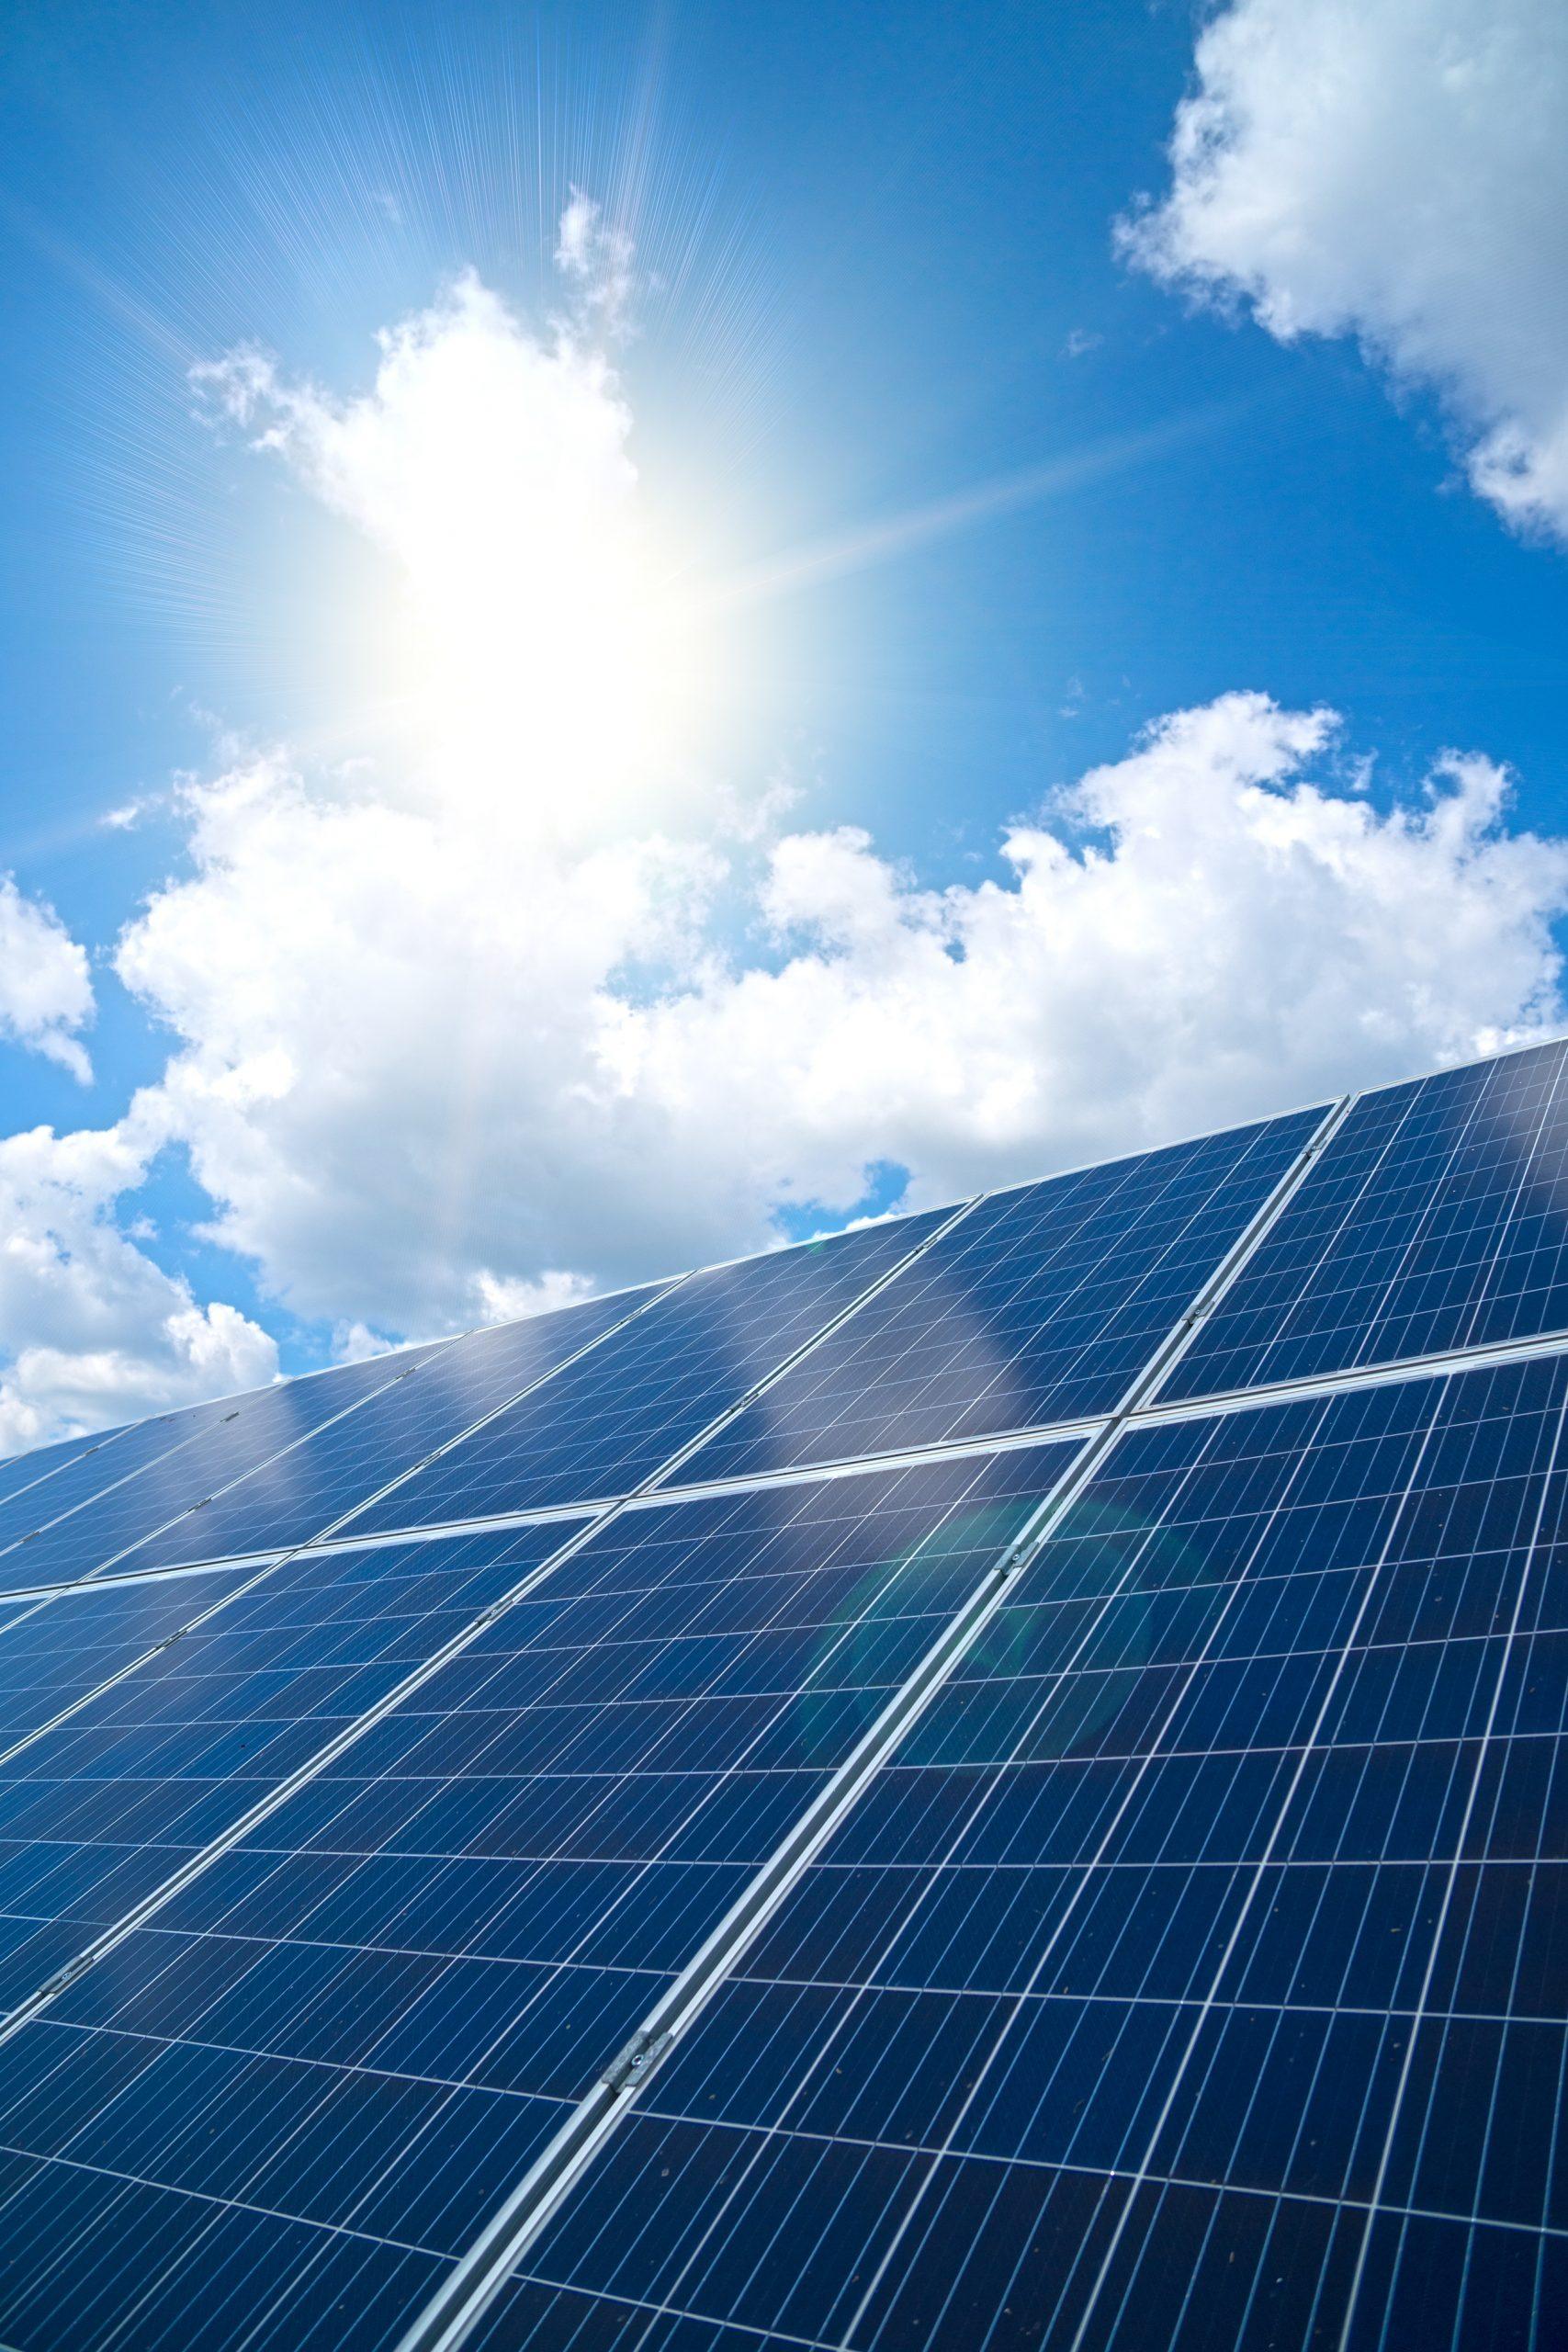 Génération de leads dans les panneaux photovoltaïques